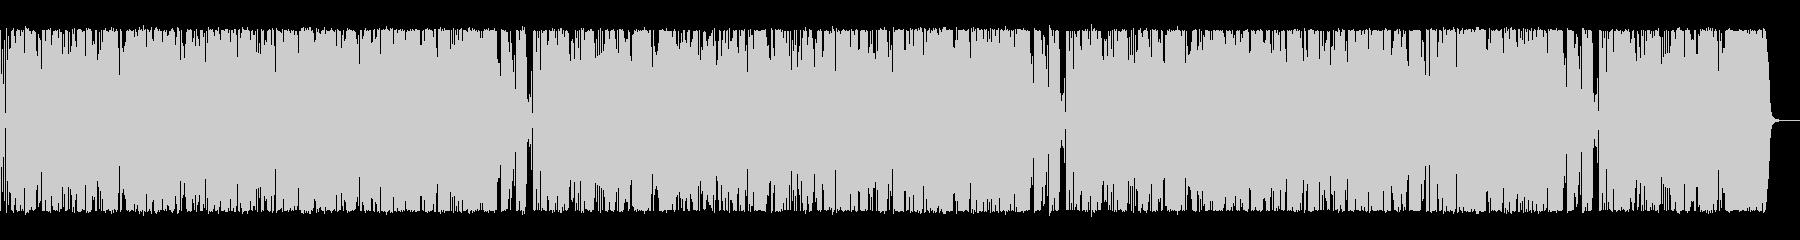 元気ハツラツブラス+ロック フル歌なしの未再生の波形